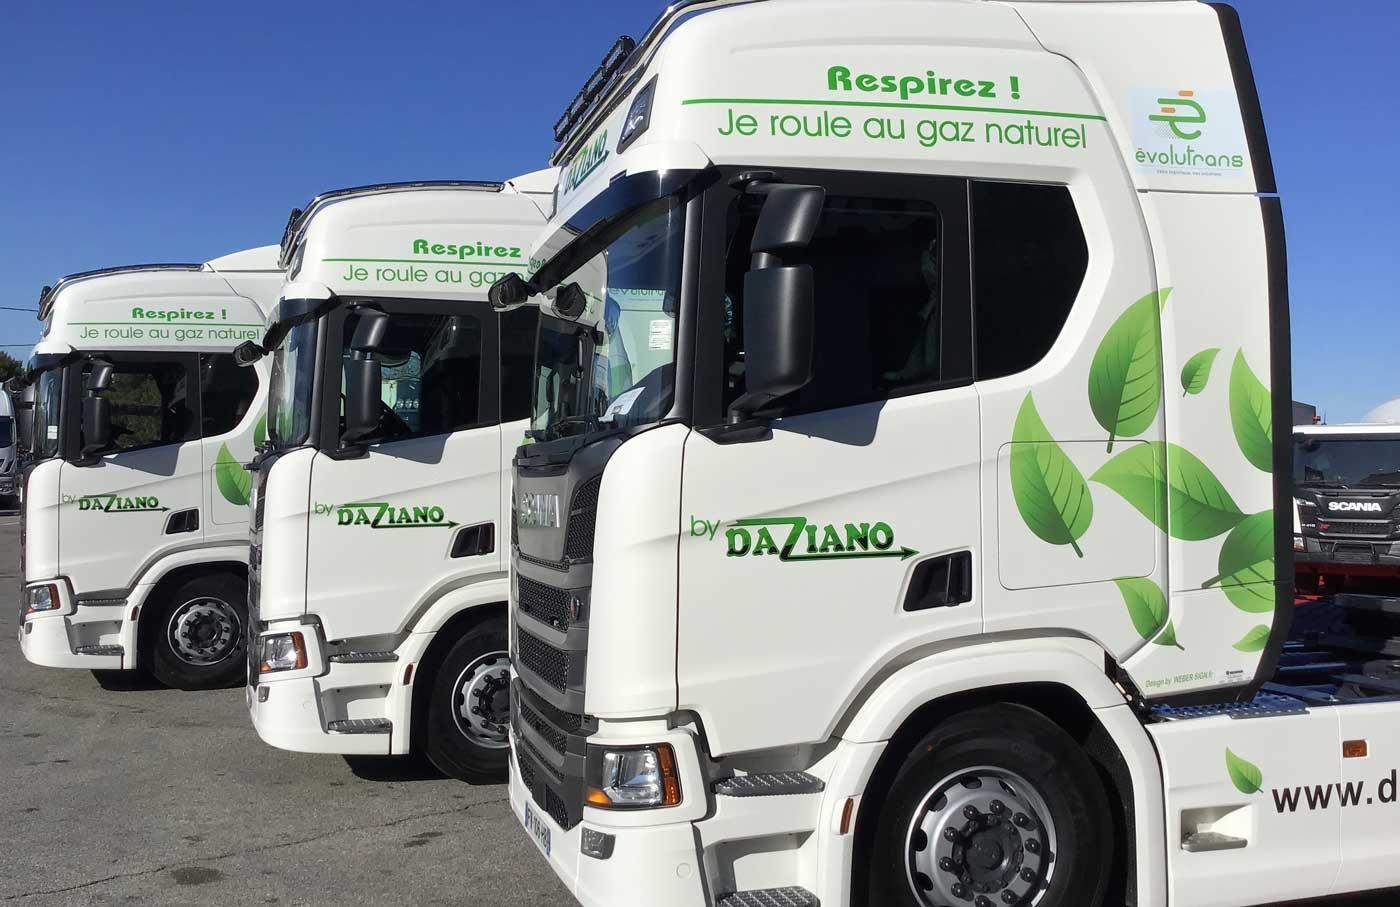 Les Transports Daziano misent sur le GNV